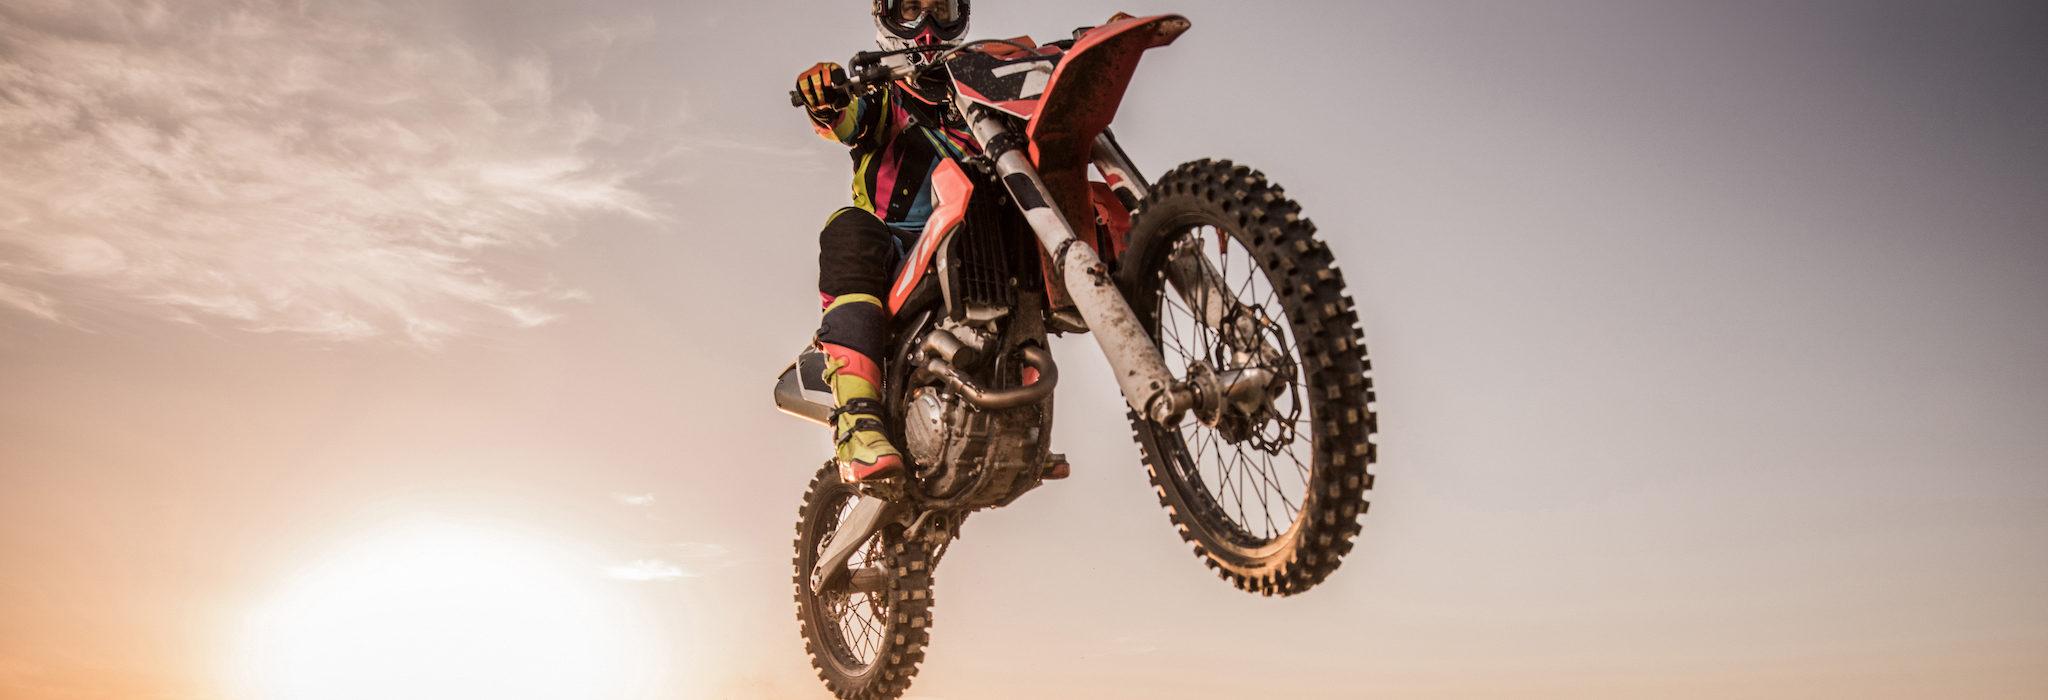 motorcross-slider